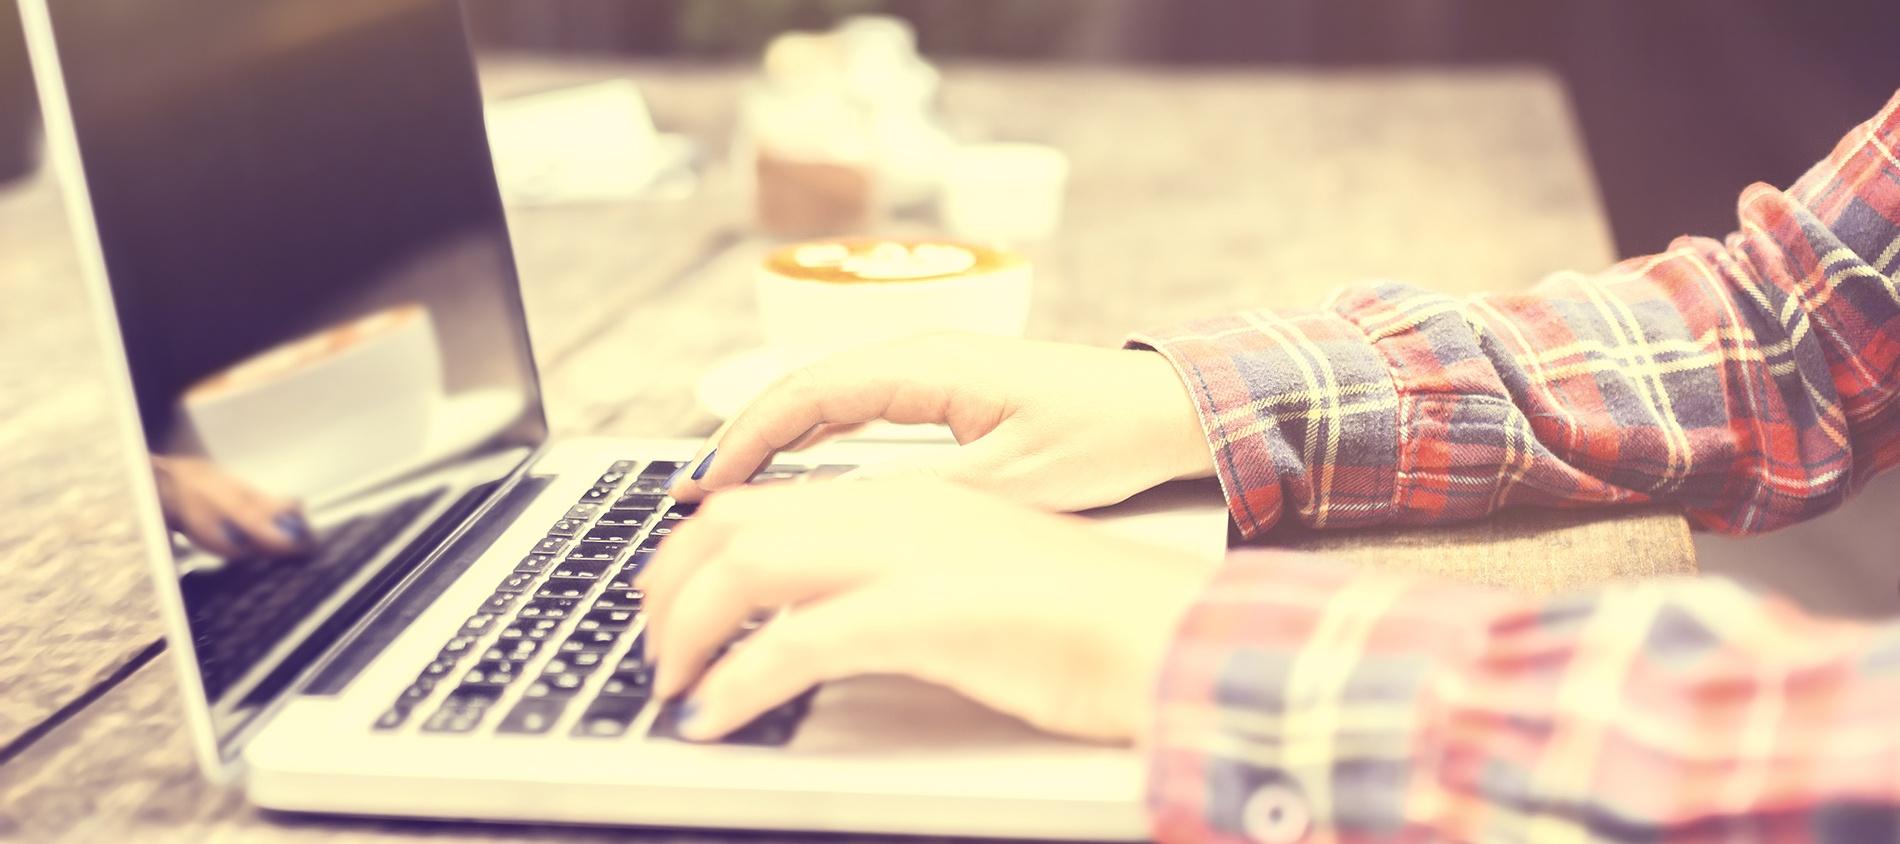 Razones por las que debes contar con una sólida presencia digital para 2017